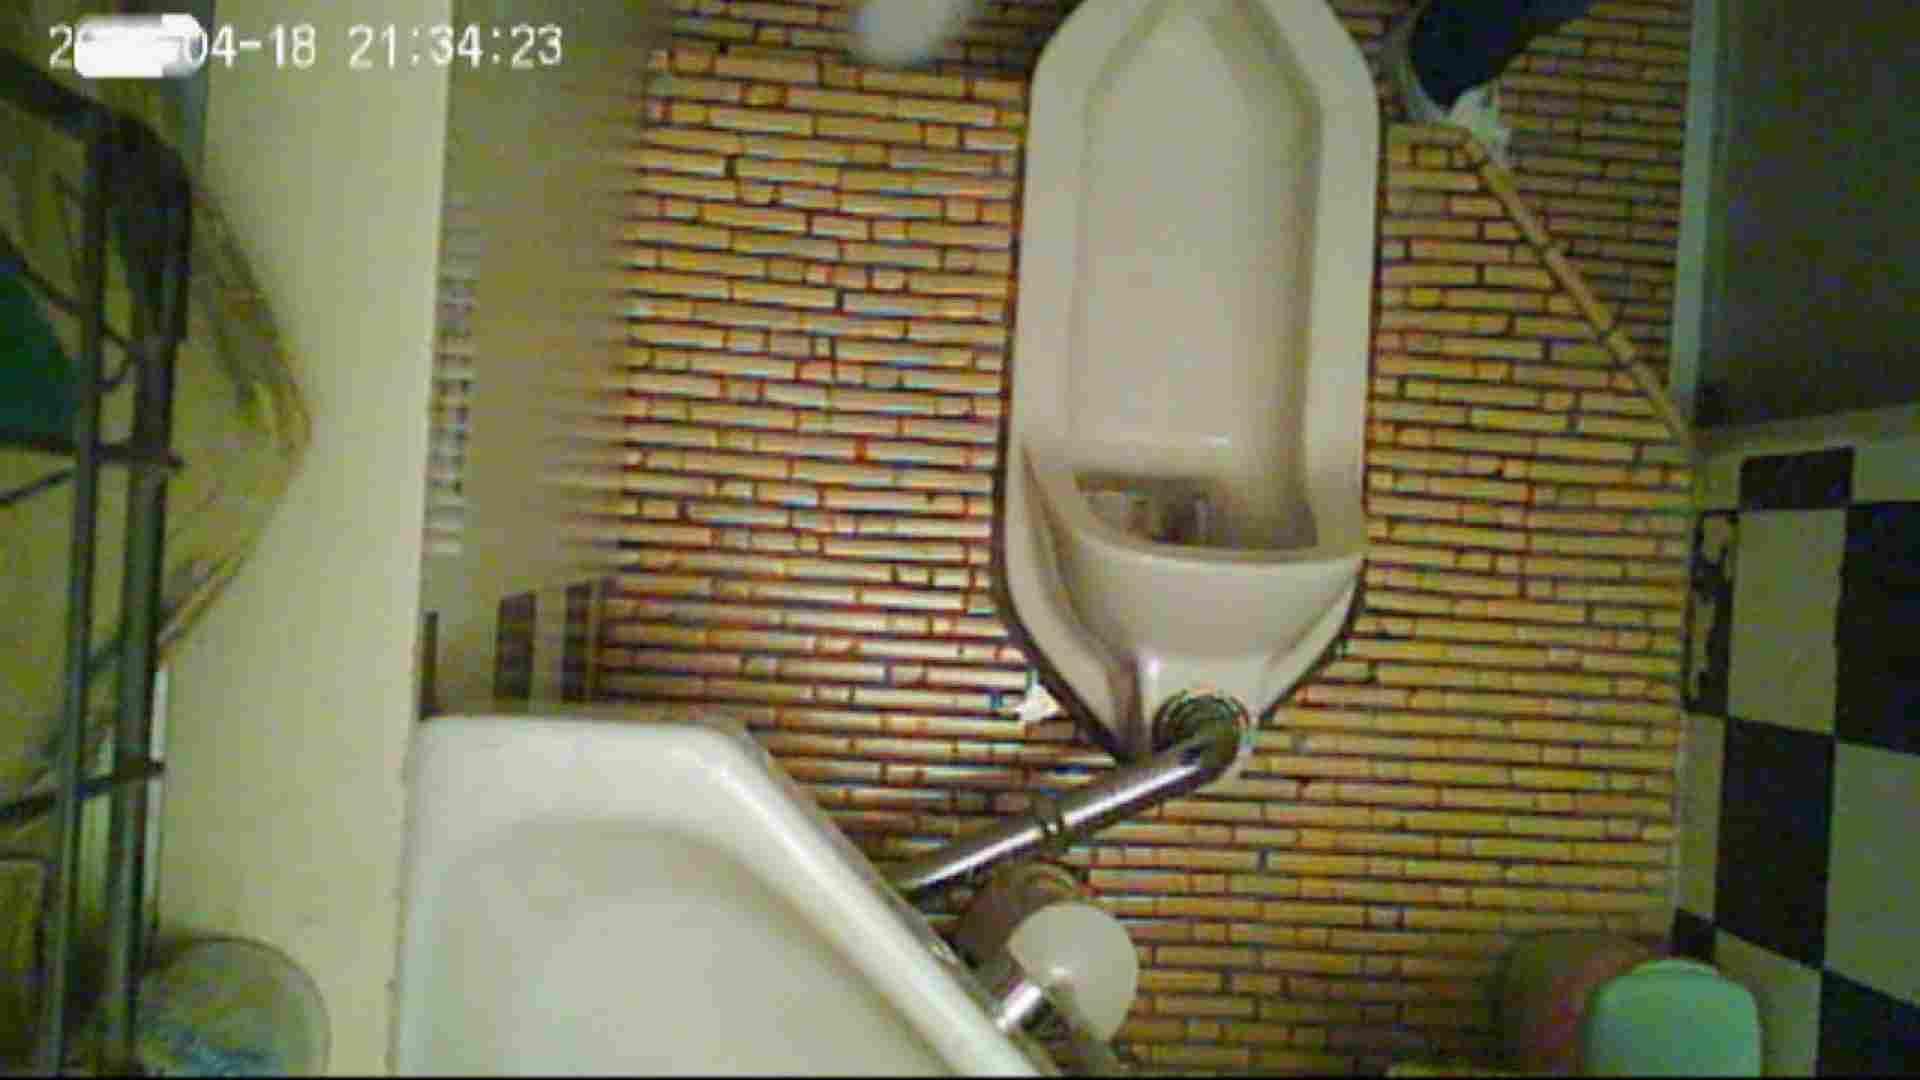 和式トイレの喫茶店店主マロンさんのコレクションvol.6 盗撮映像  64Pix 64